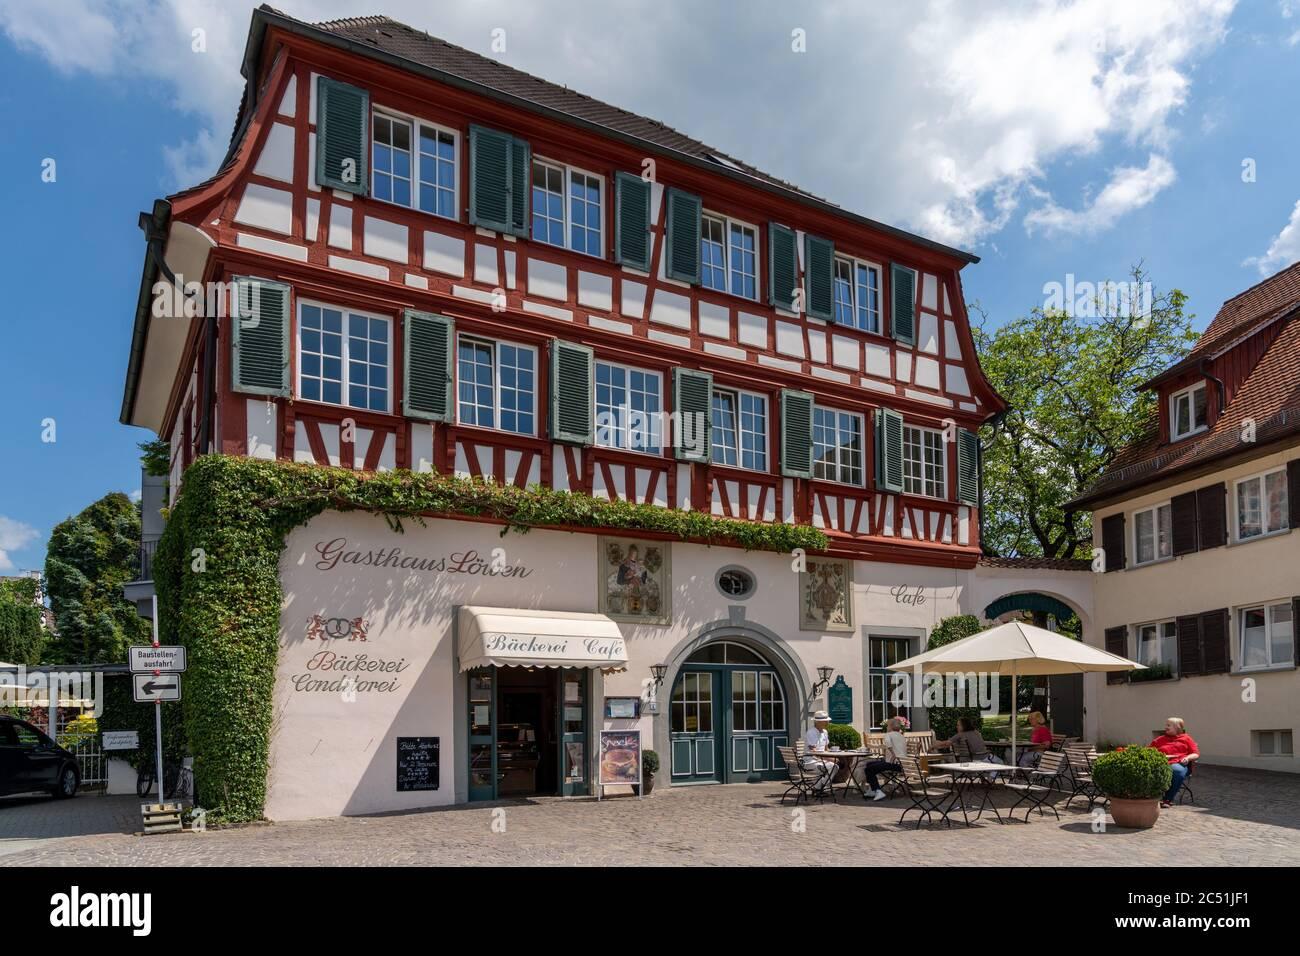 Hagnau, BW / Allemagne - 23 juin 2020 : vue sur l'historique 'Hotel Loewen' ou l'hôtel Lions de Hagnau sur le lac de Constance dans le sud de l'Allemagne Banque D'Images